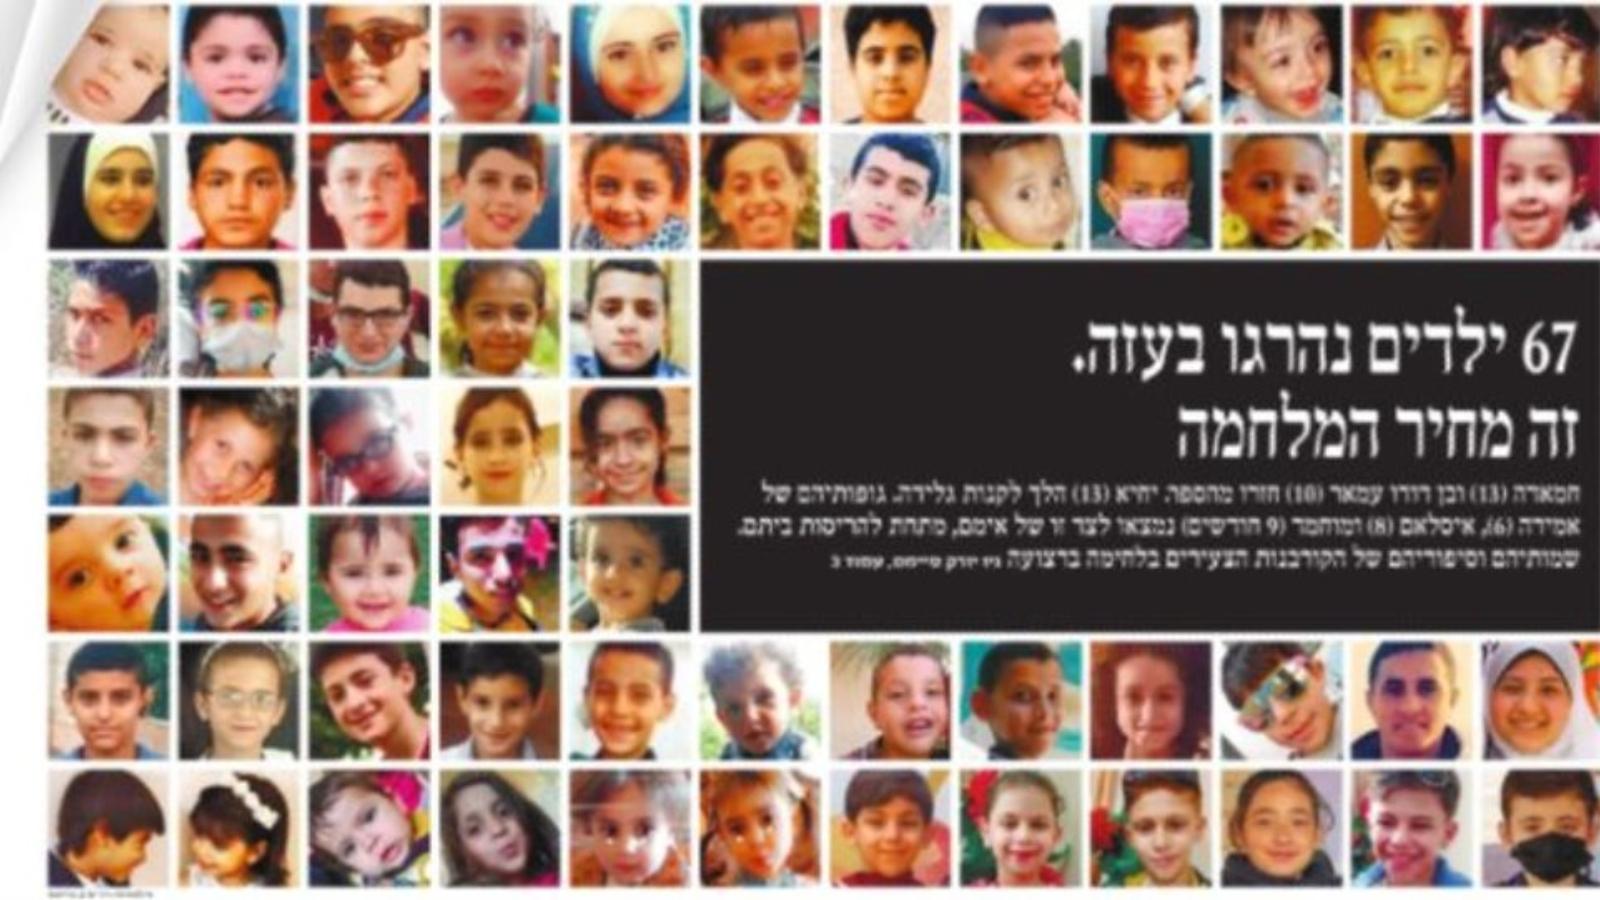 Χααρέτζ: Η ισραηλινή εφημερίδα βγήκε με τα 67 παιδιά που σκοτώθηκαν στη Γάζα